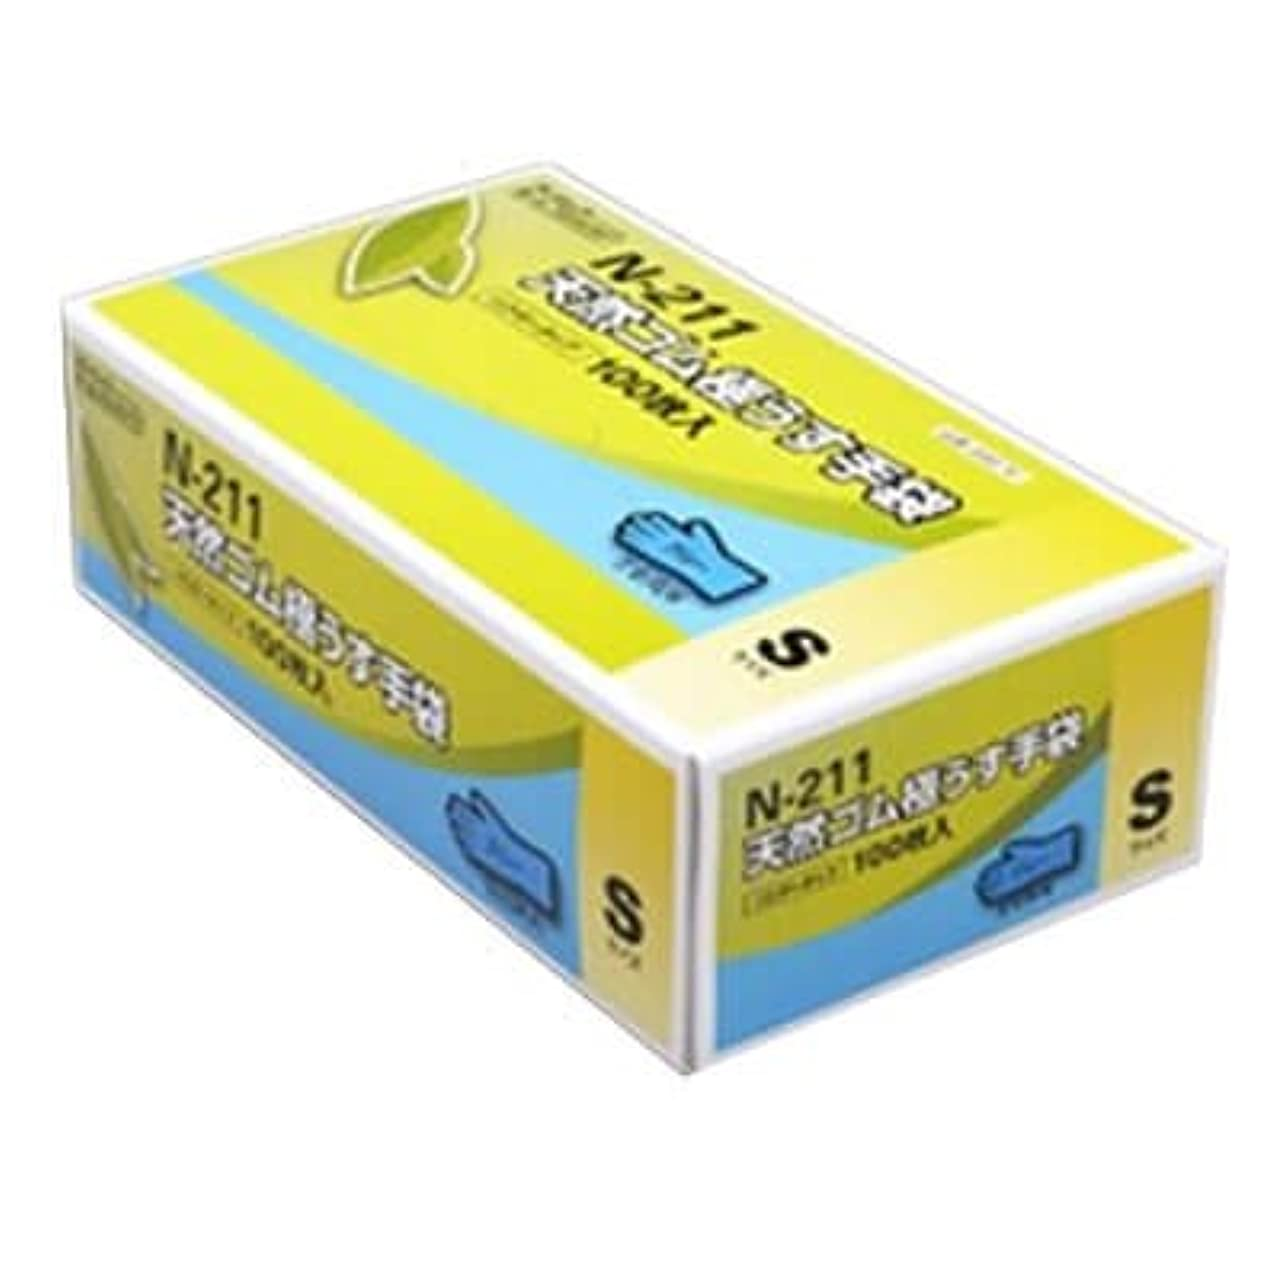 かけるジャングルやめる【ケース販売】 ダンロップ 天然ゴム極うす手袋 N-211 S ブルー (100枚入×20箱)